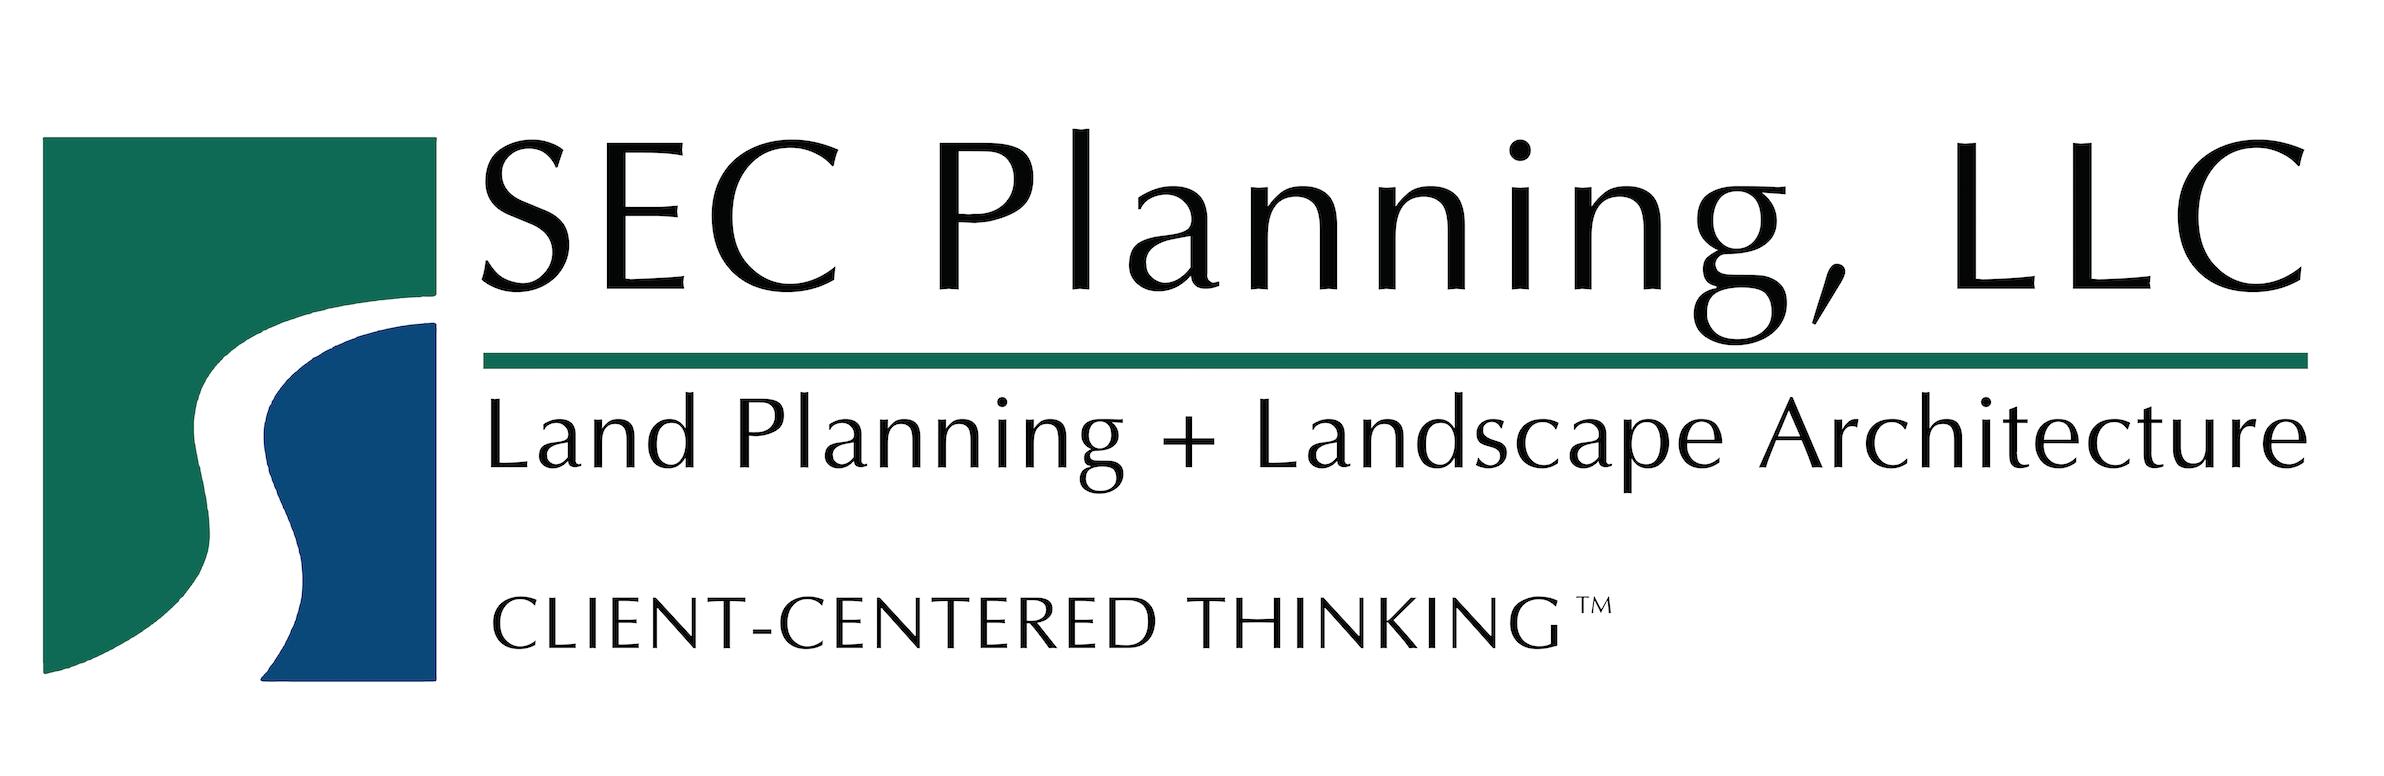 SEC Planning